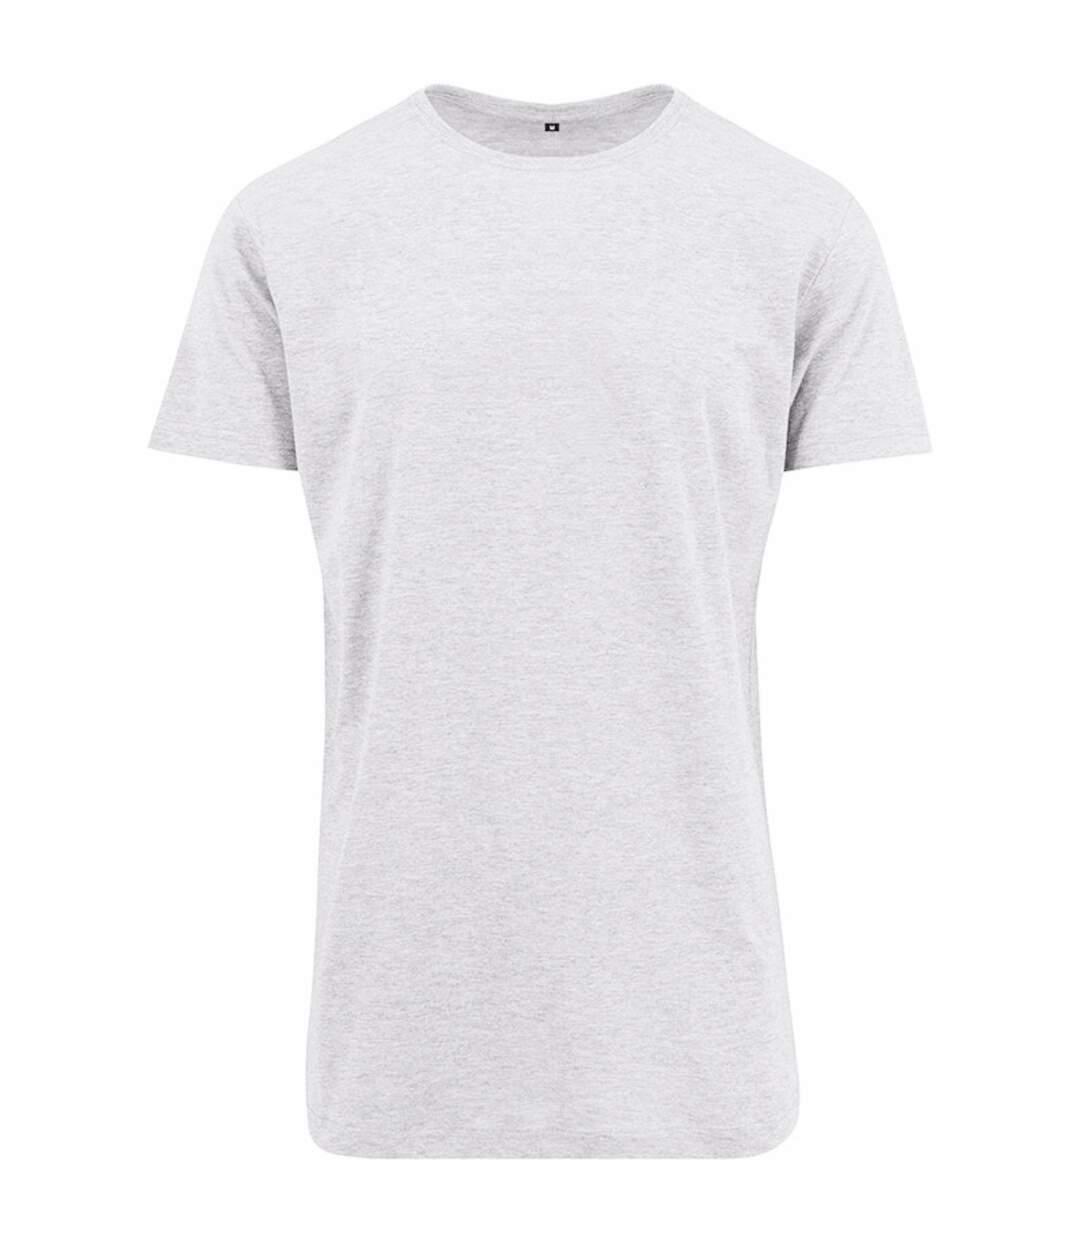 Build Your Brand Mens Shaped Long Short Sleeve T-Shirt (White) - UTRW5671